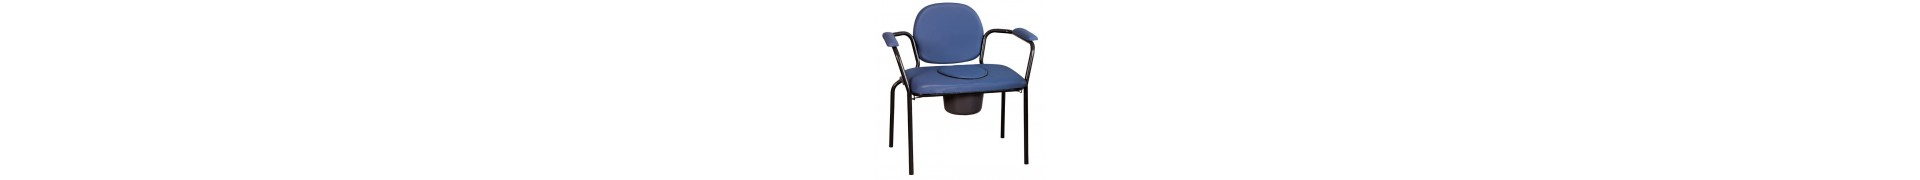 Chaises hygniéniques personne forte